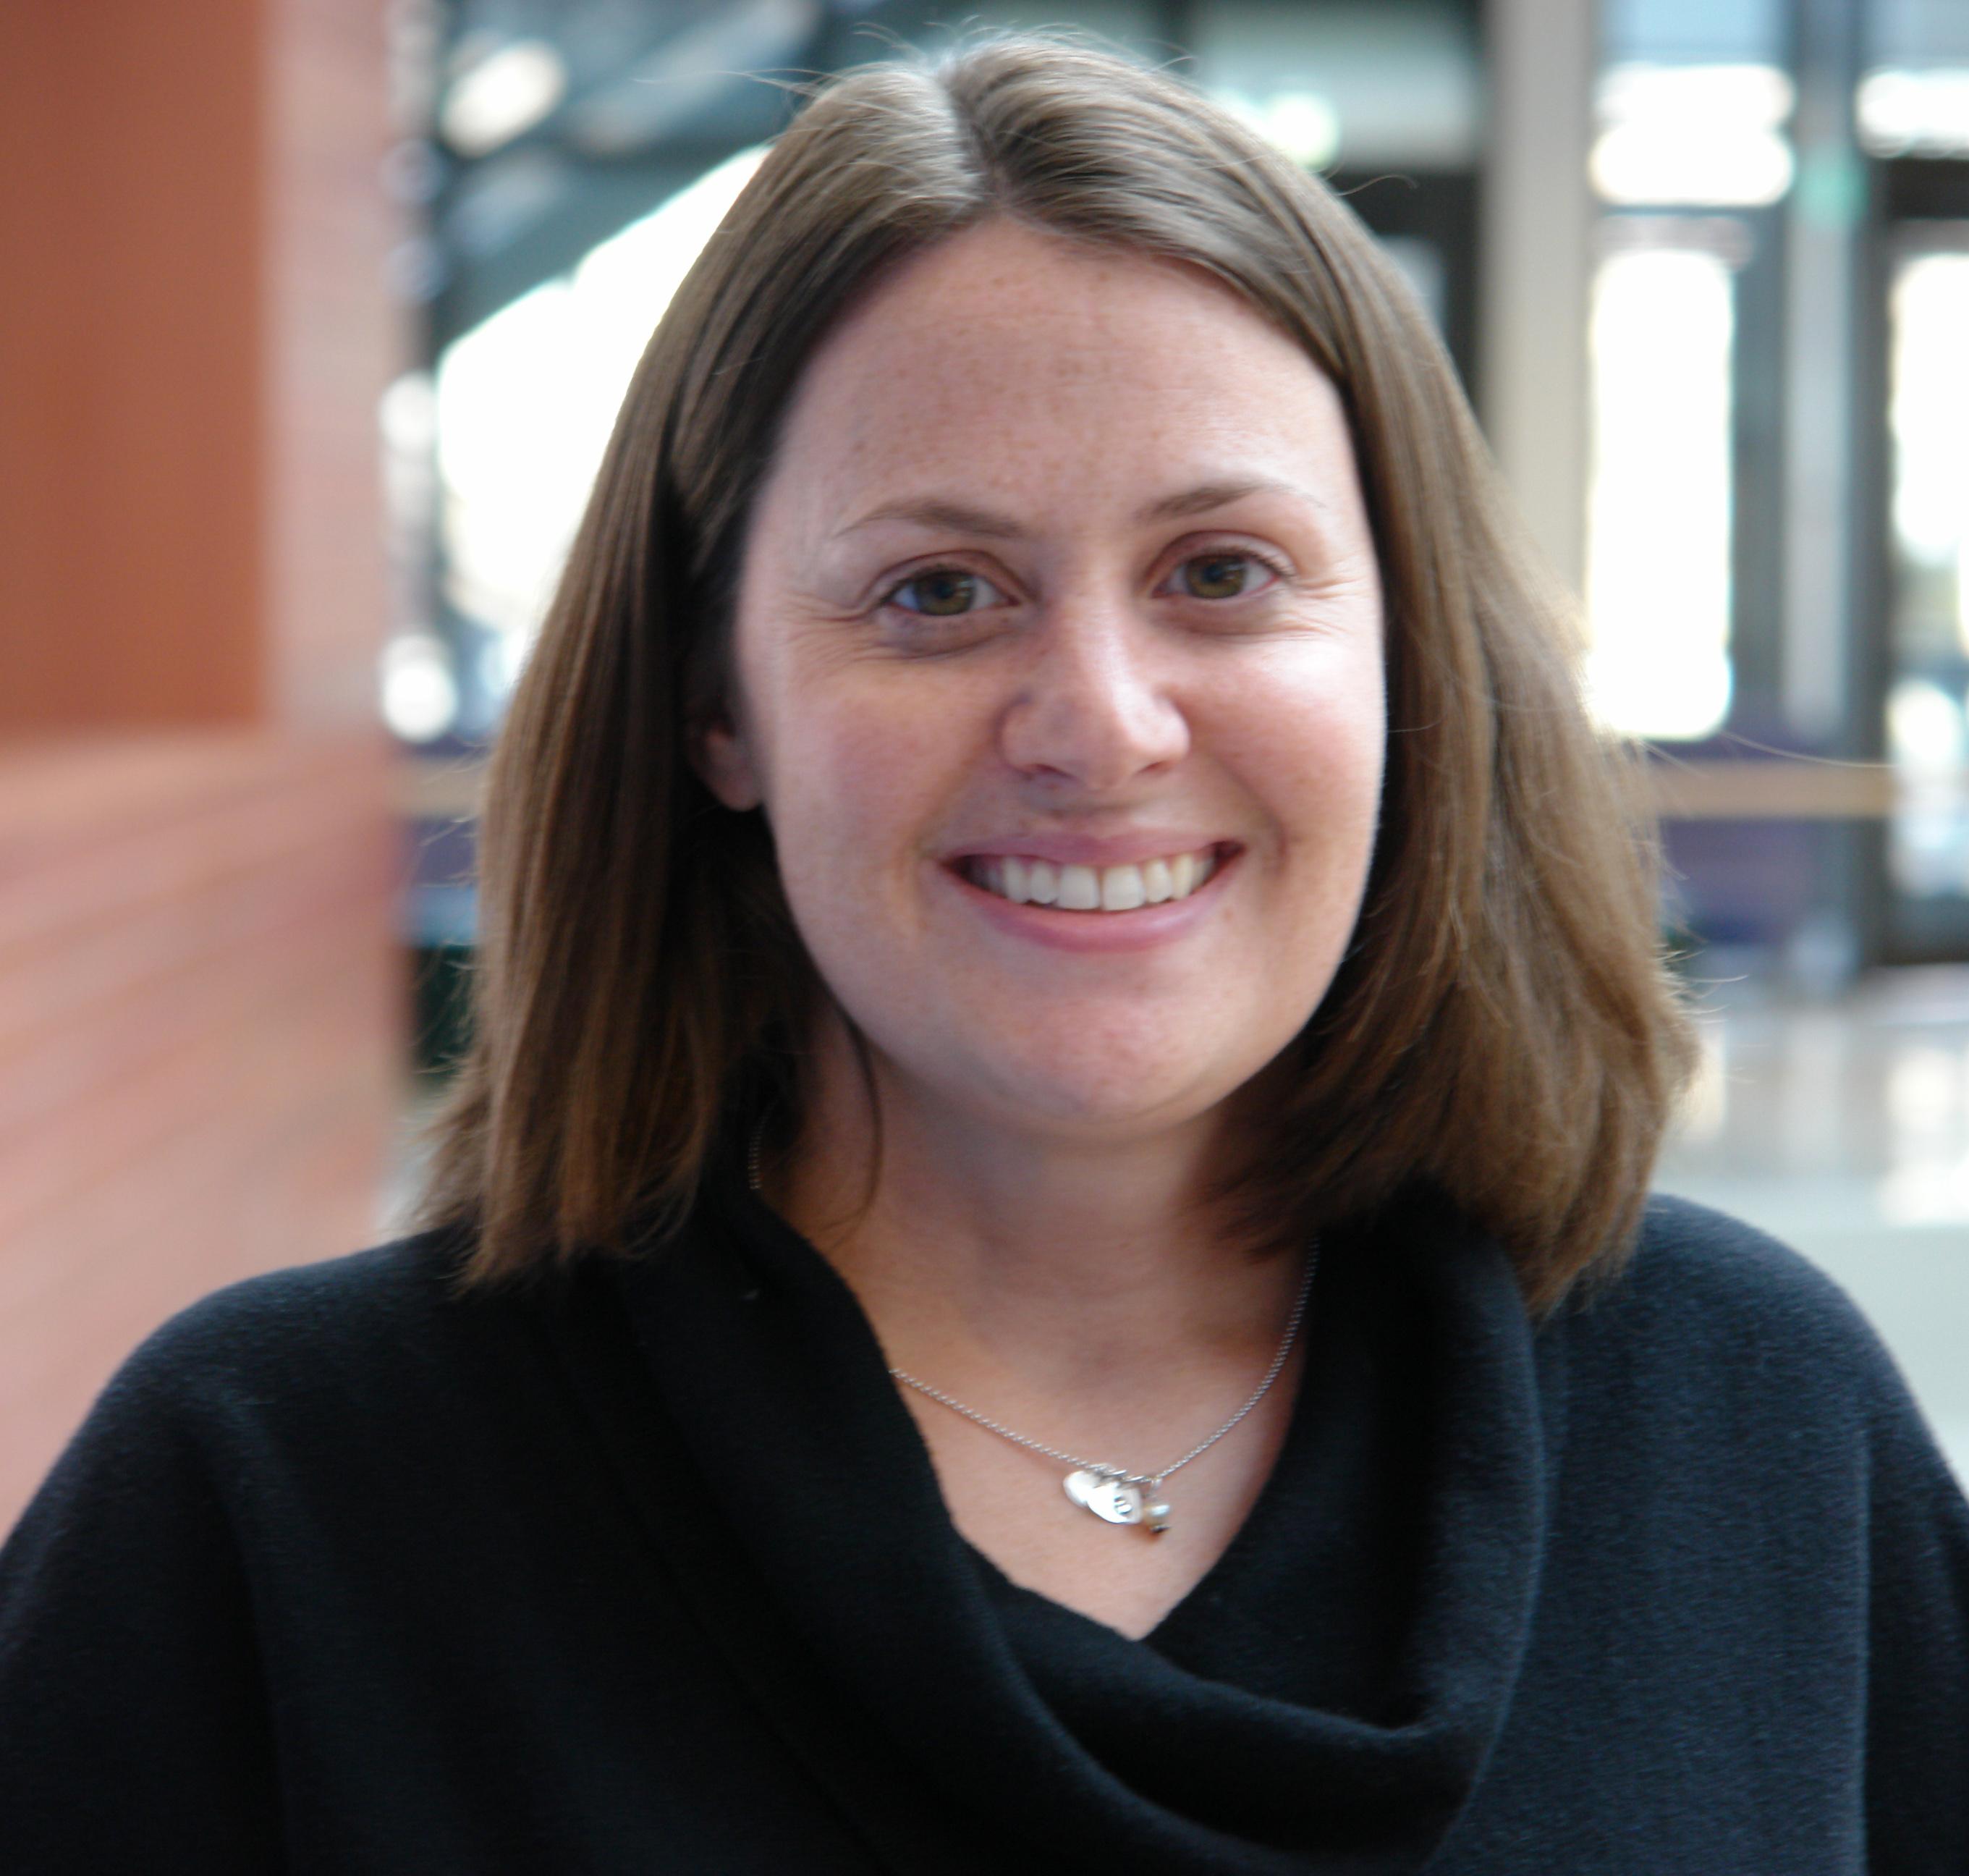 Kristen Welzenbach